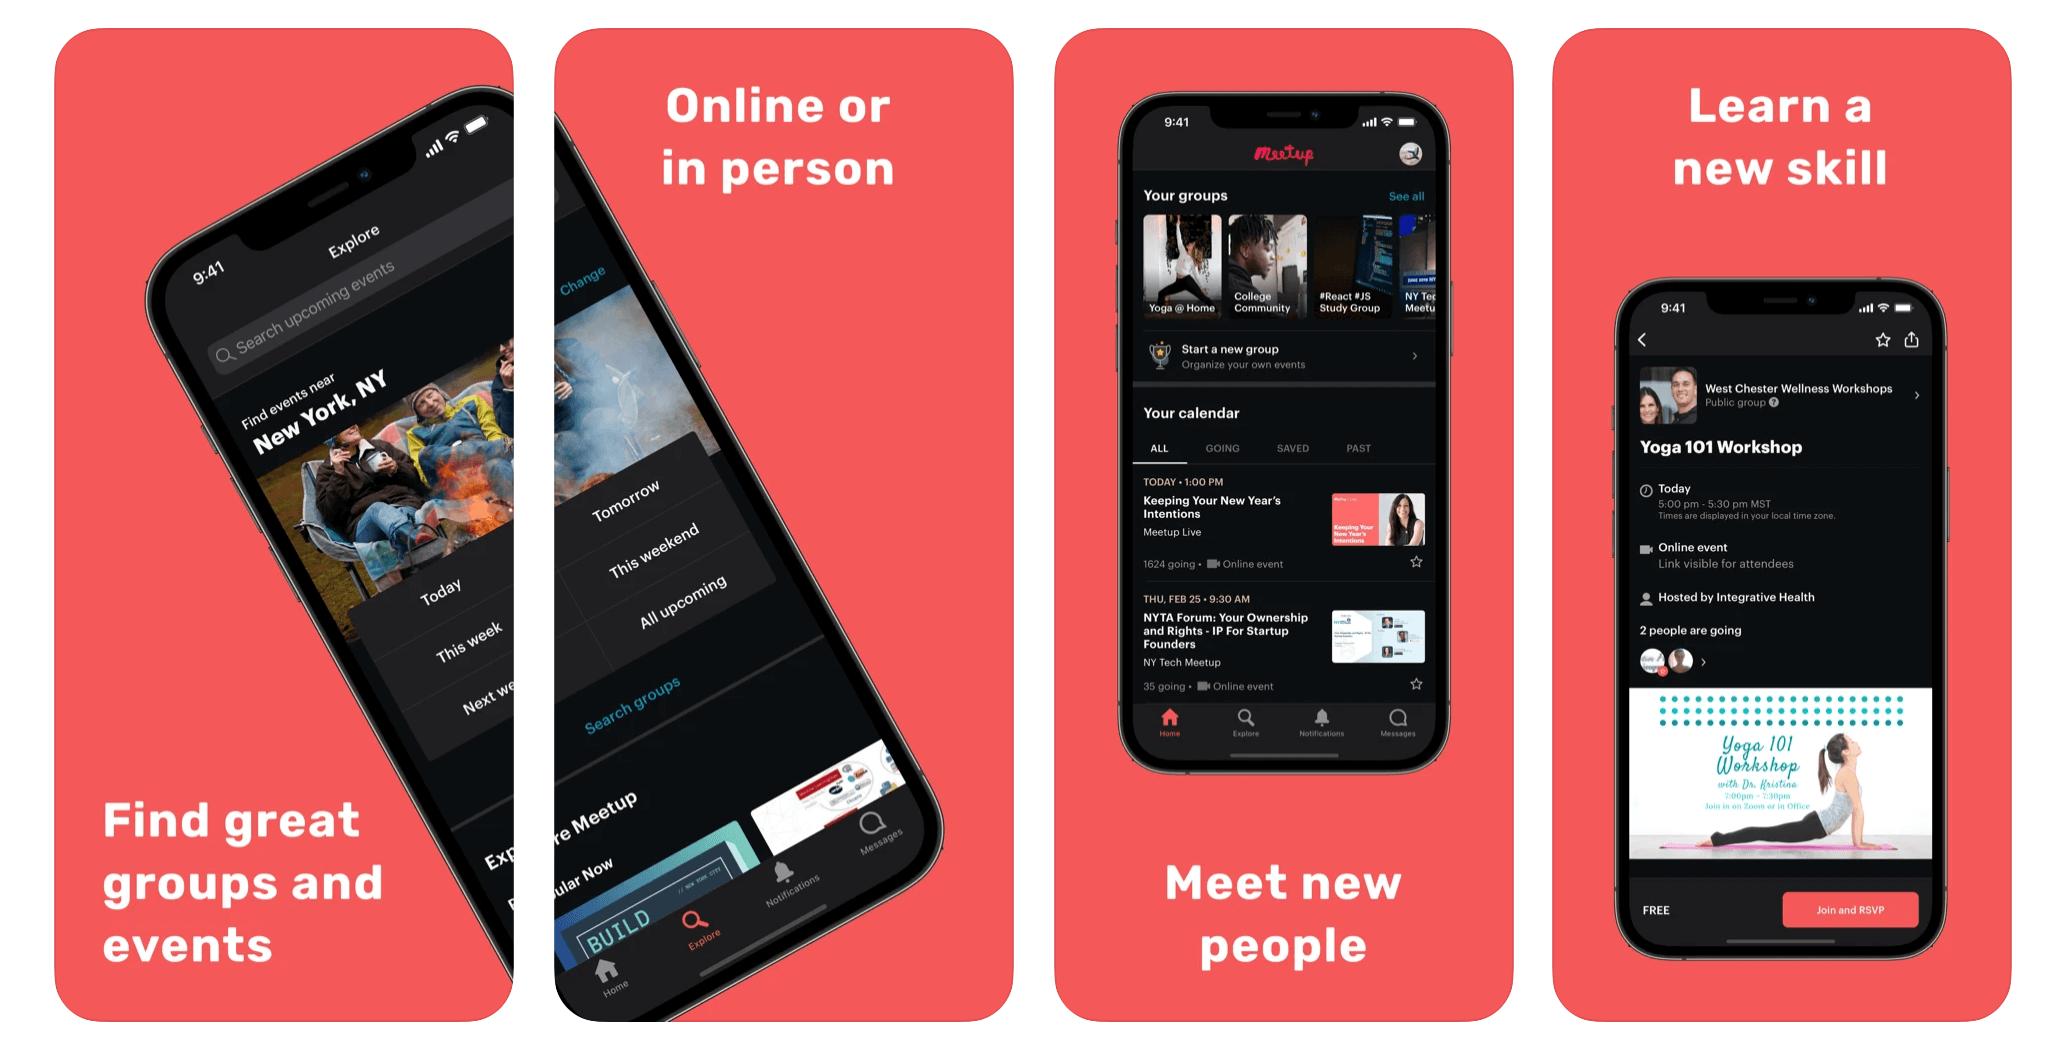 Meetup app screenshots